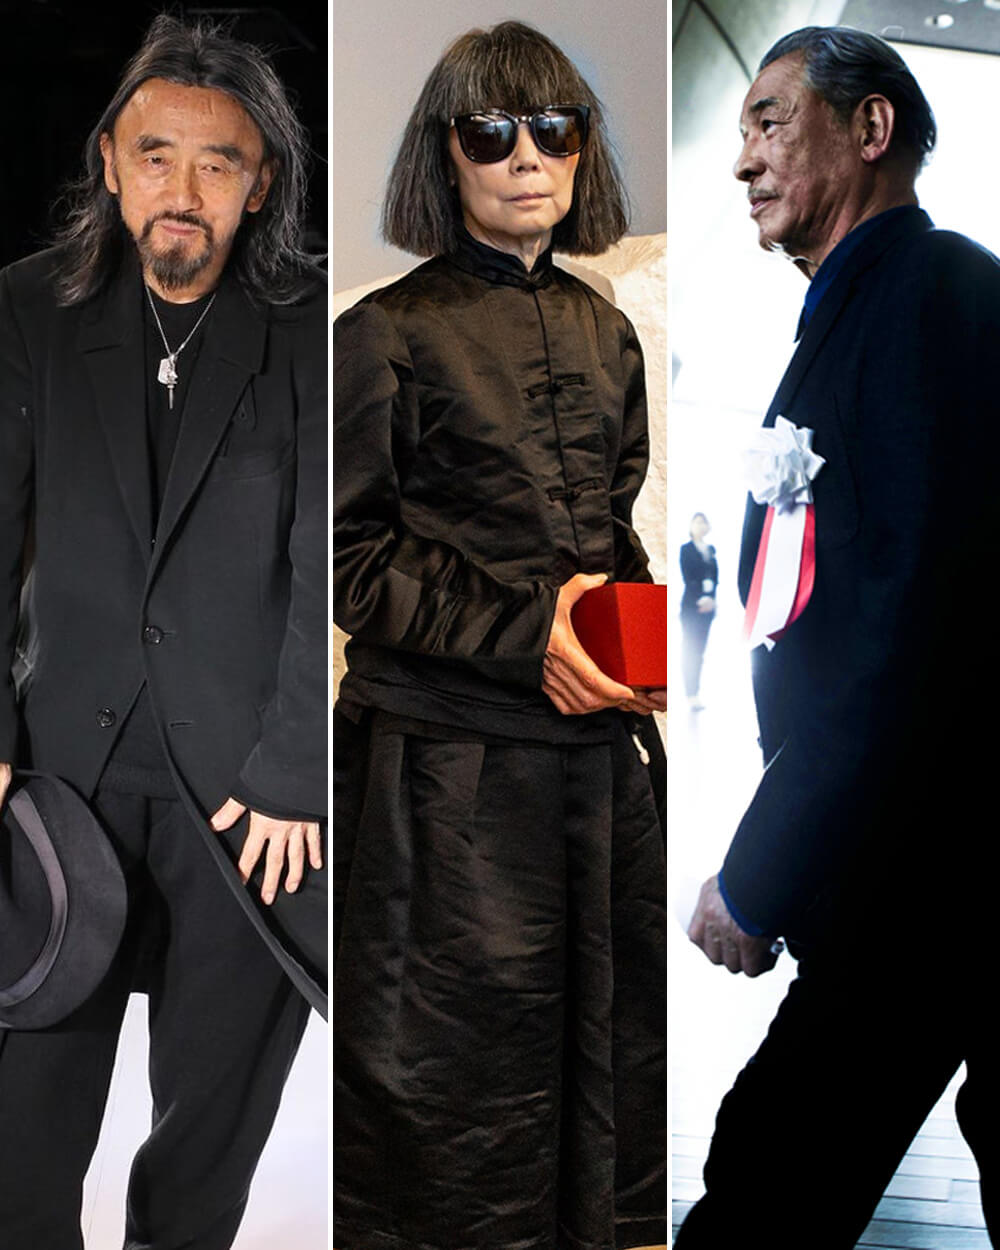 Yohji Yamamoto, Rei Kawakubo, and Issei Miyake